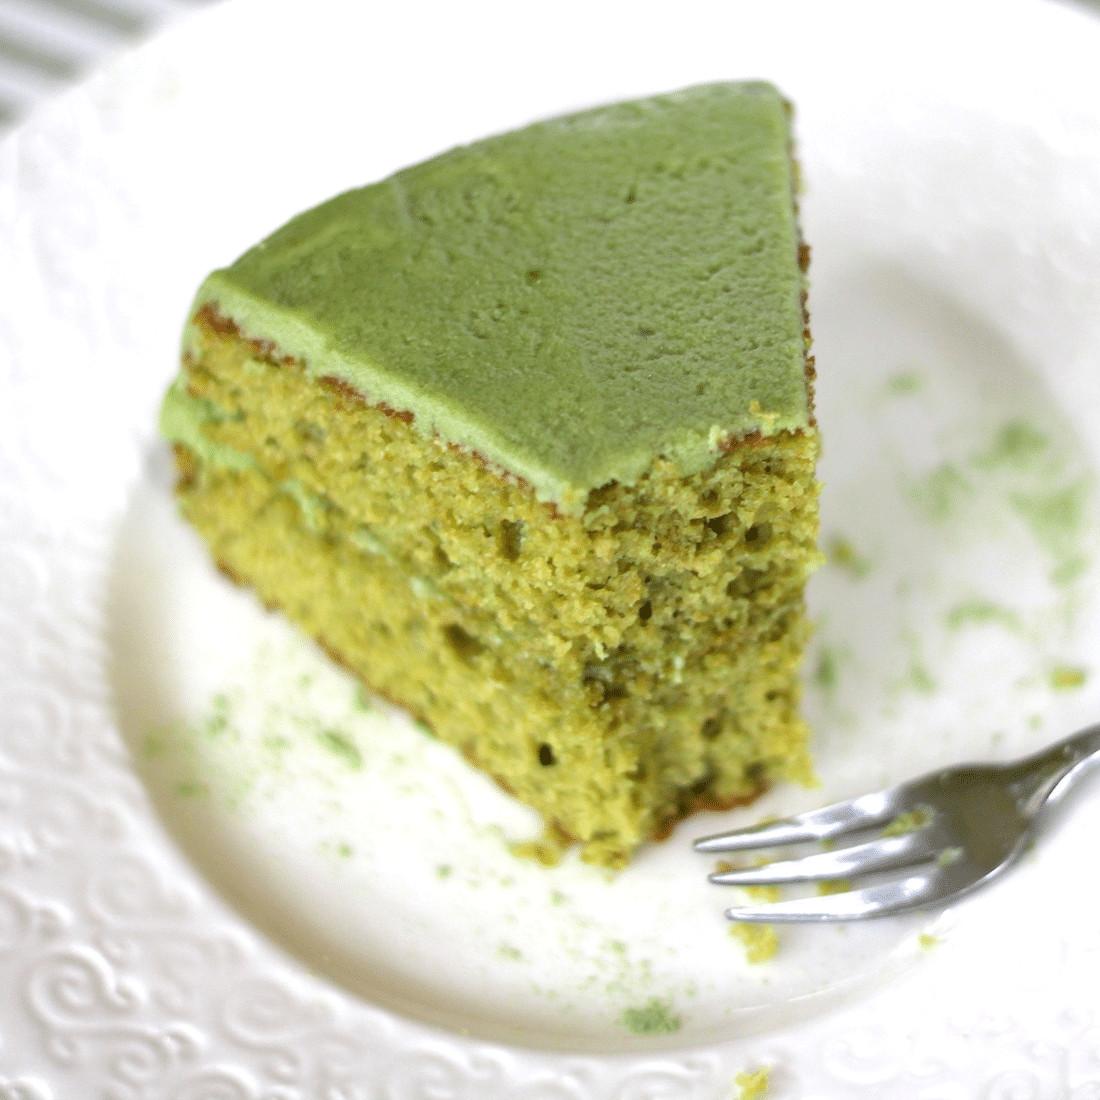 Matcha Dessert Recipes  Healthy Matcha Green Tea Dessert Recipes